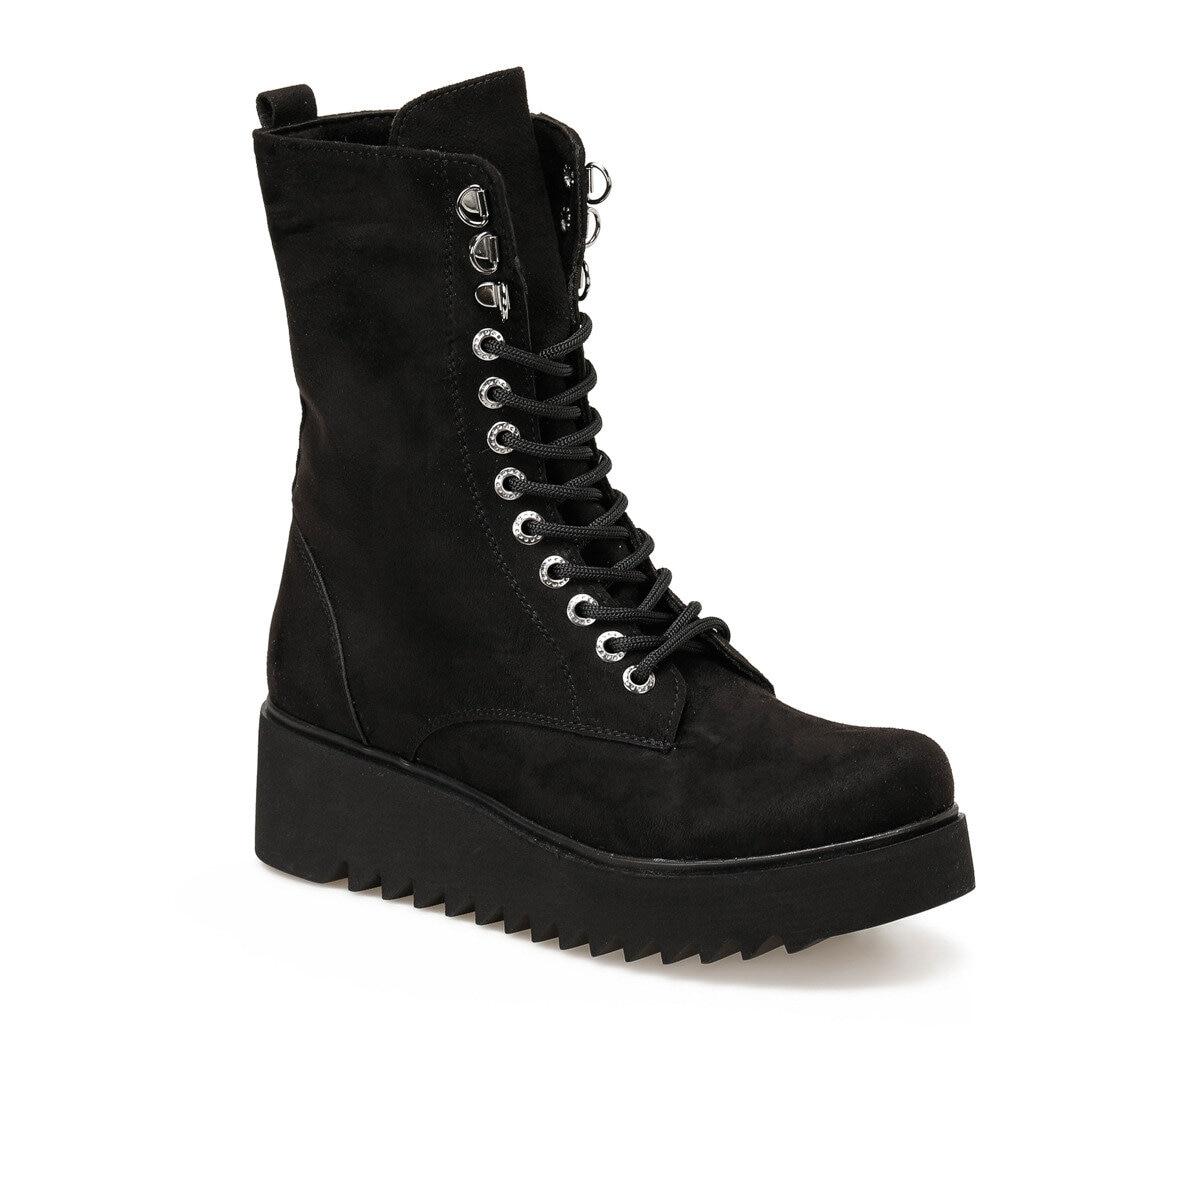 FLO 19SF-2026 Black Women Boots BUTIGO